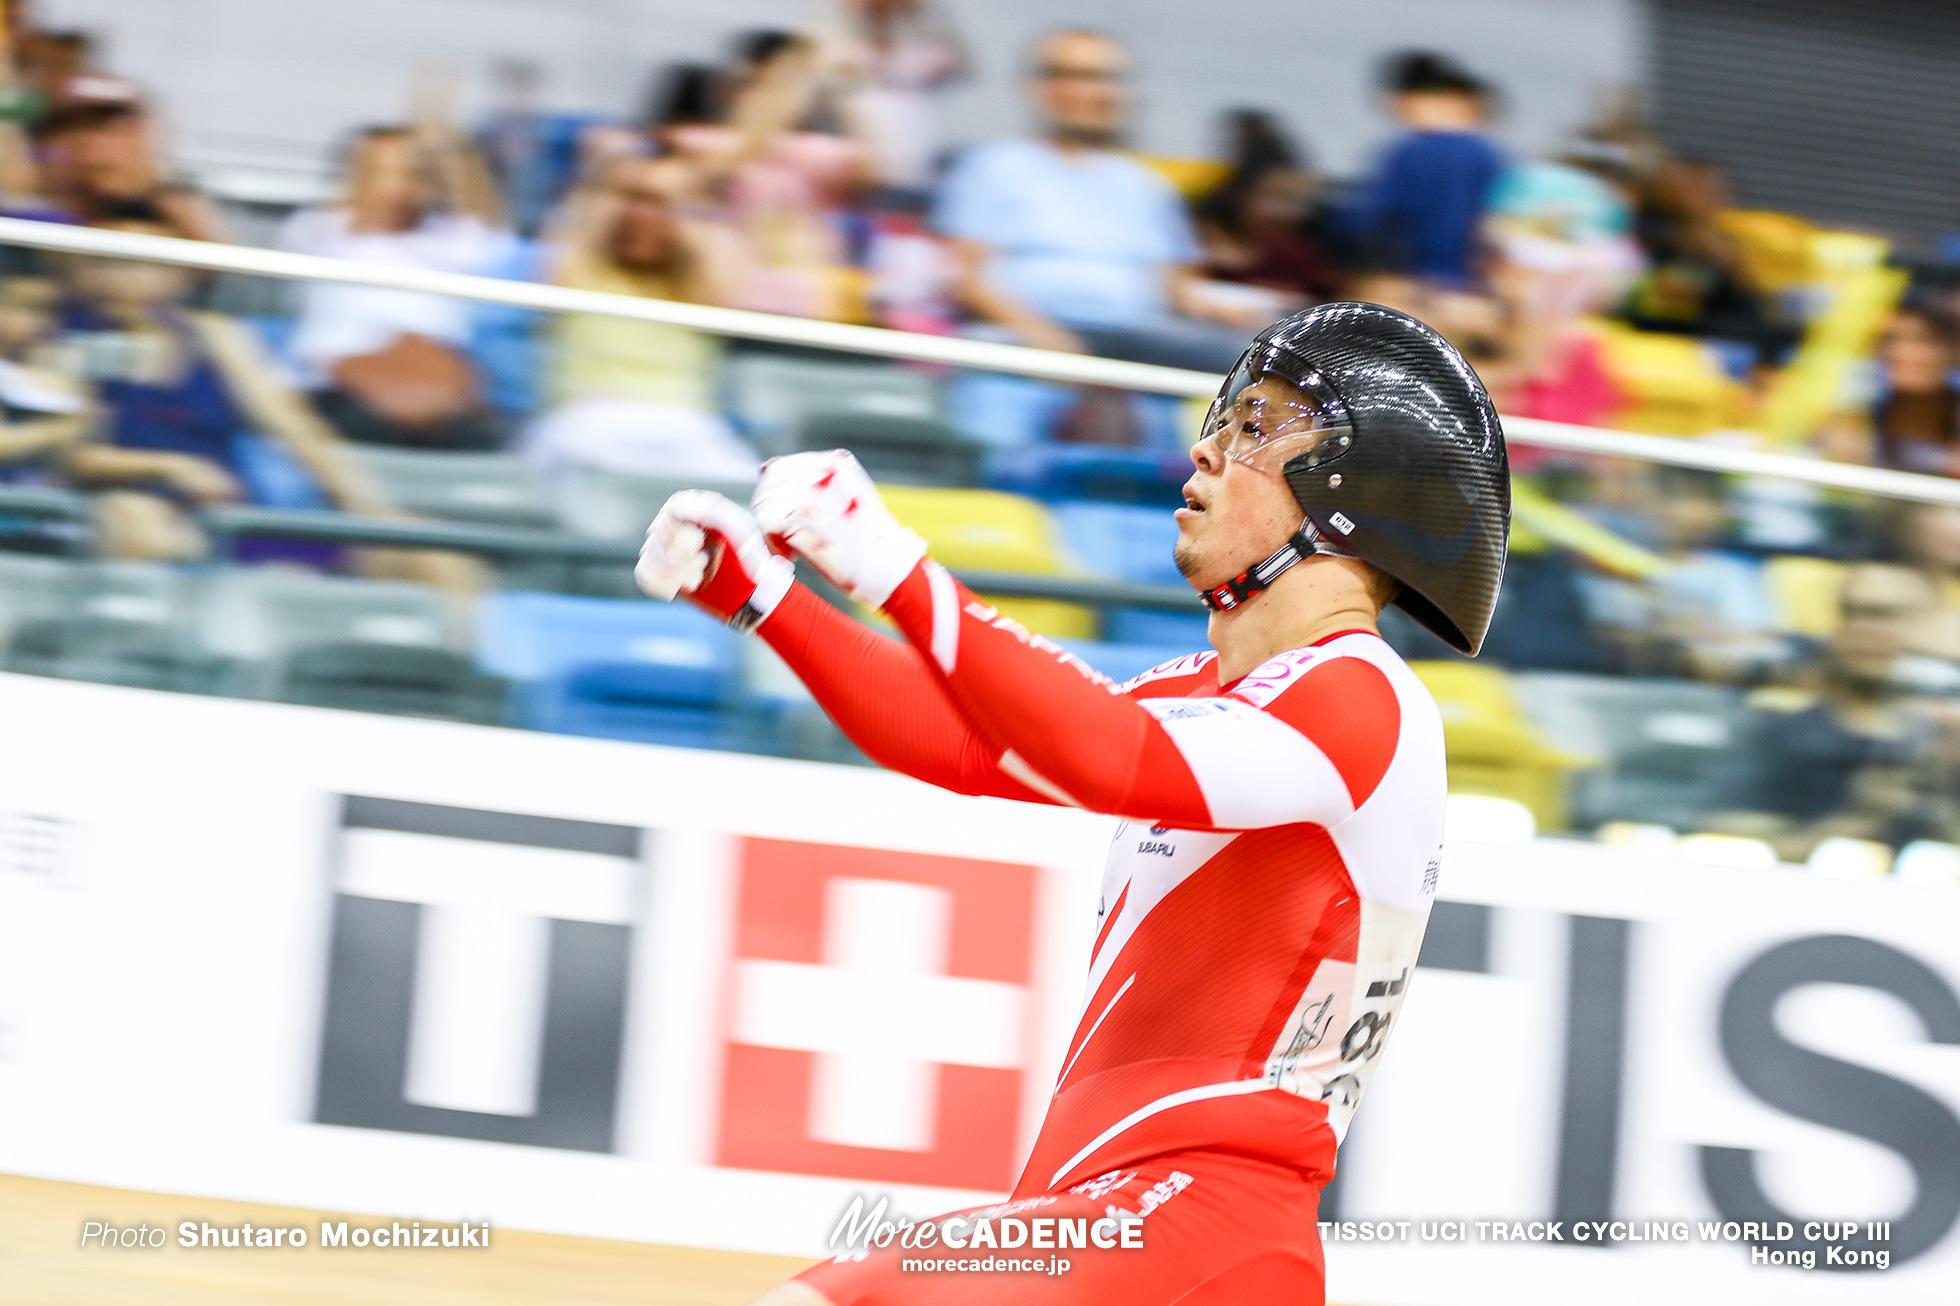 深谷知広, Final / Men's Sprint / TISSOT UCI TRACK CYCLING WORLD CUP III, Hong Kong